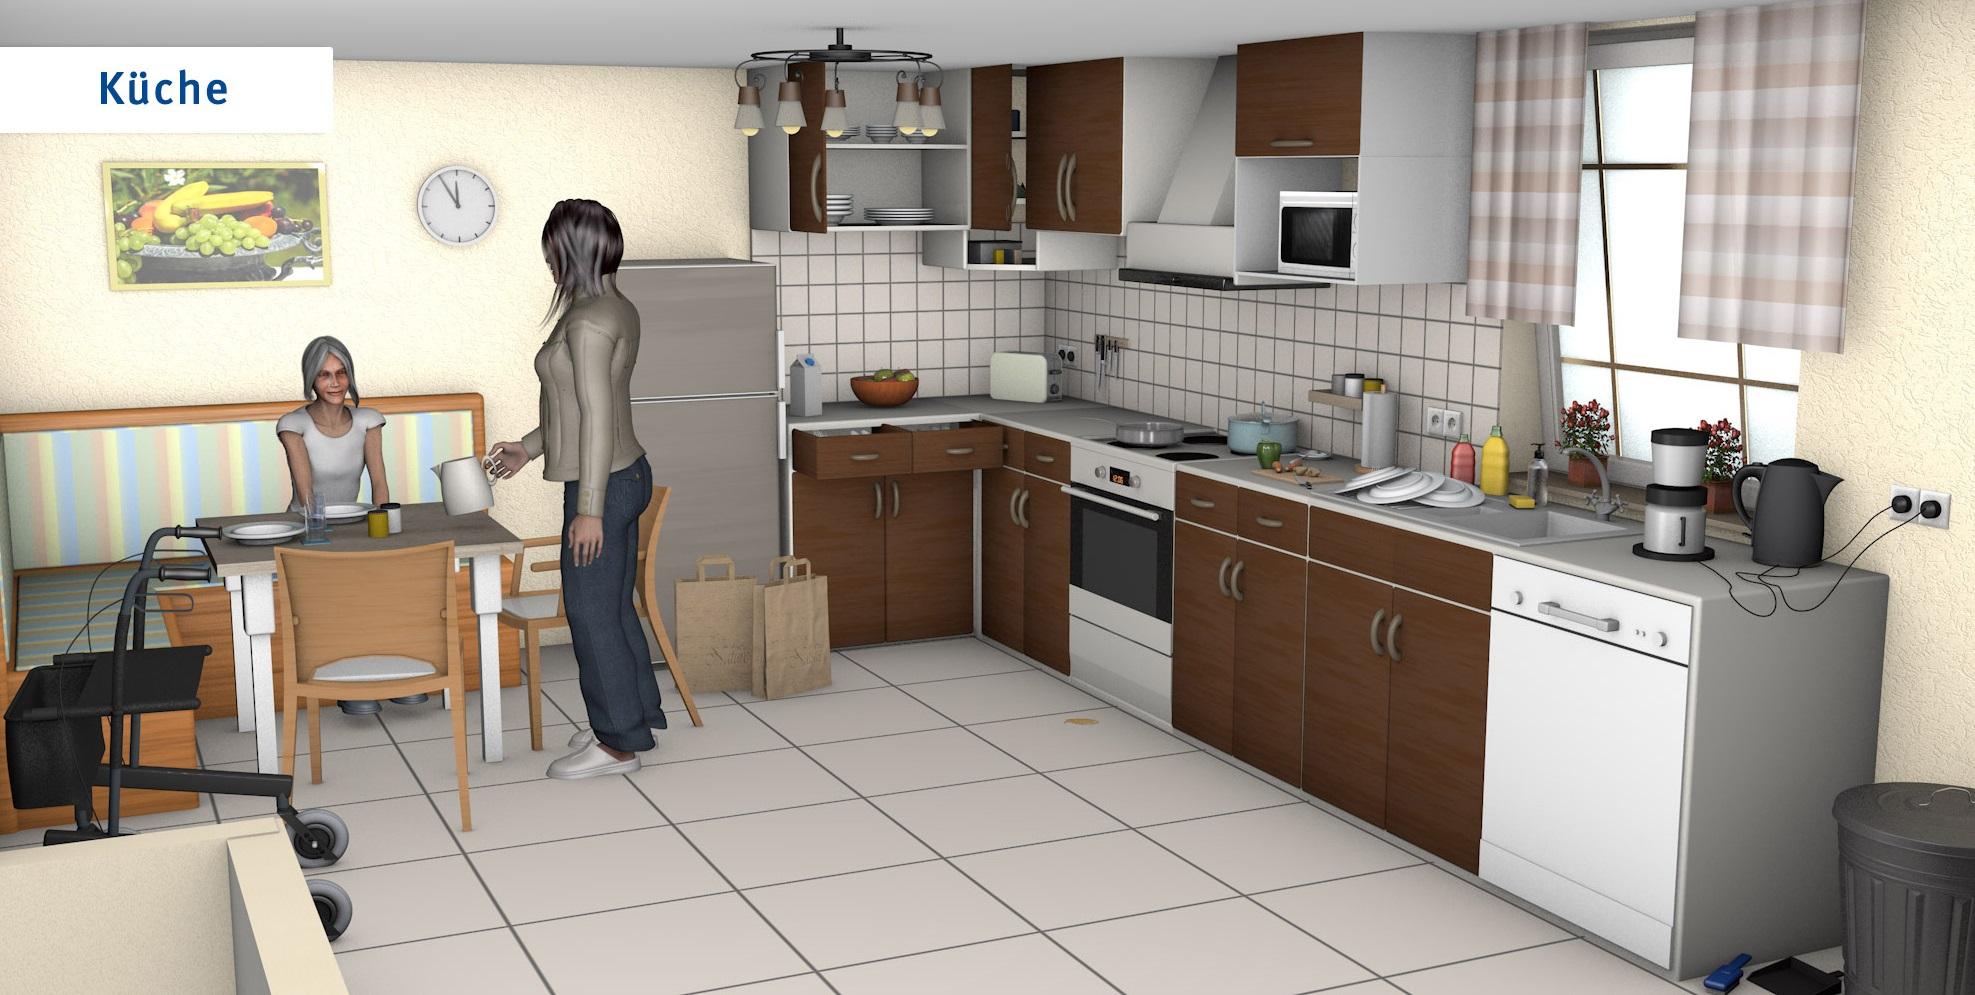 Küche - übliche Version